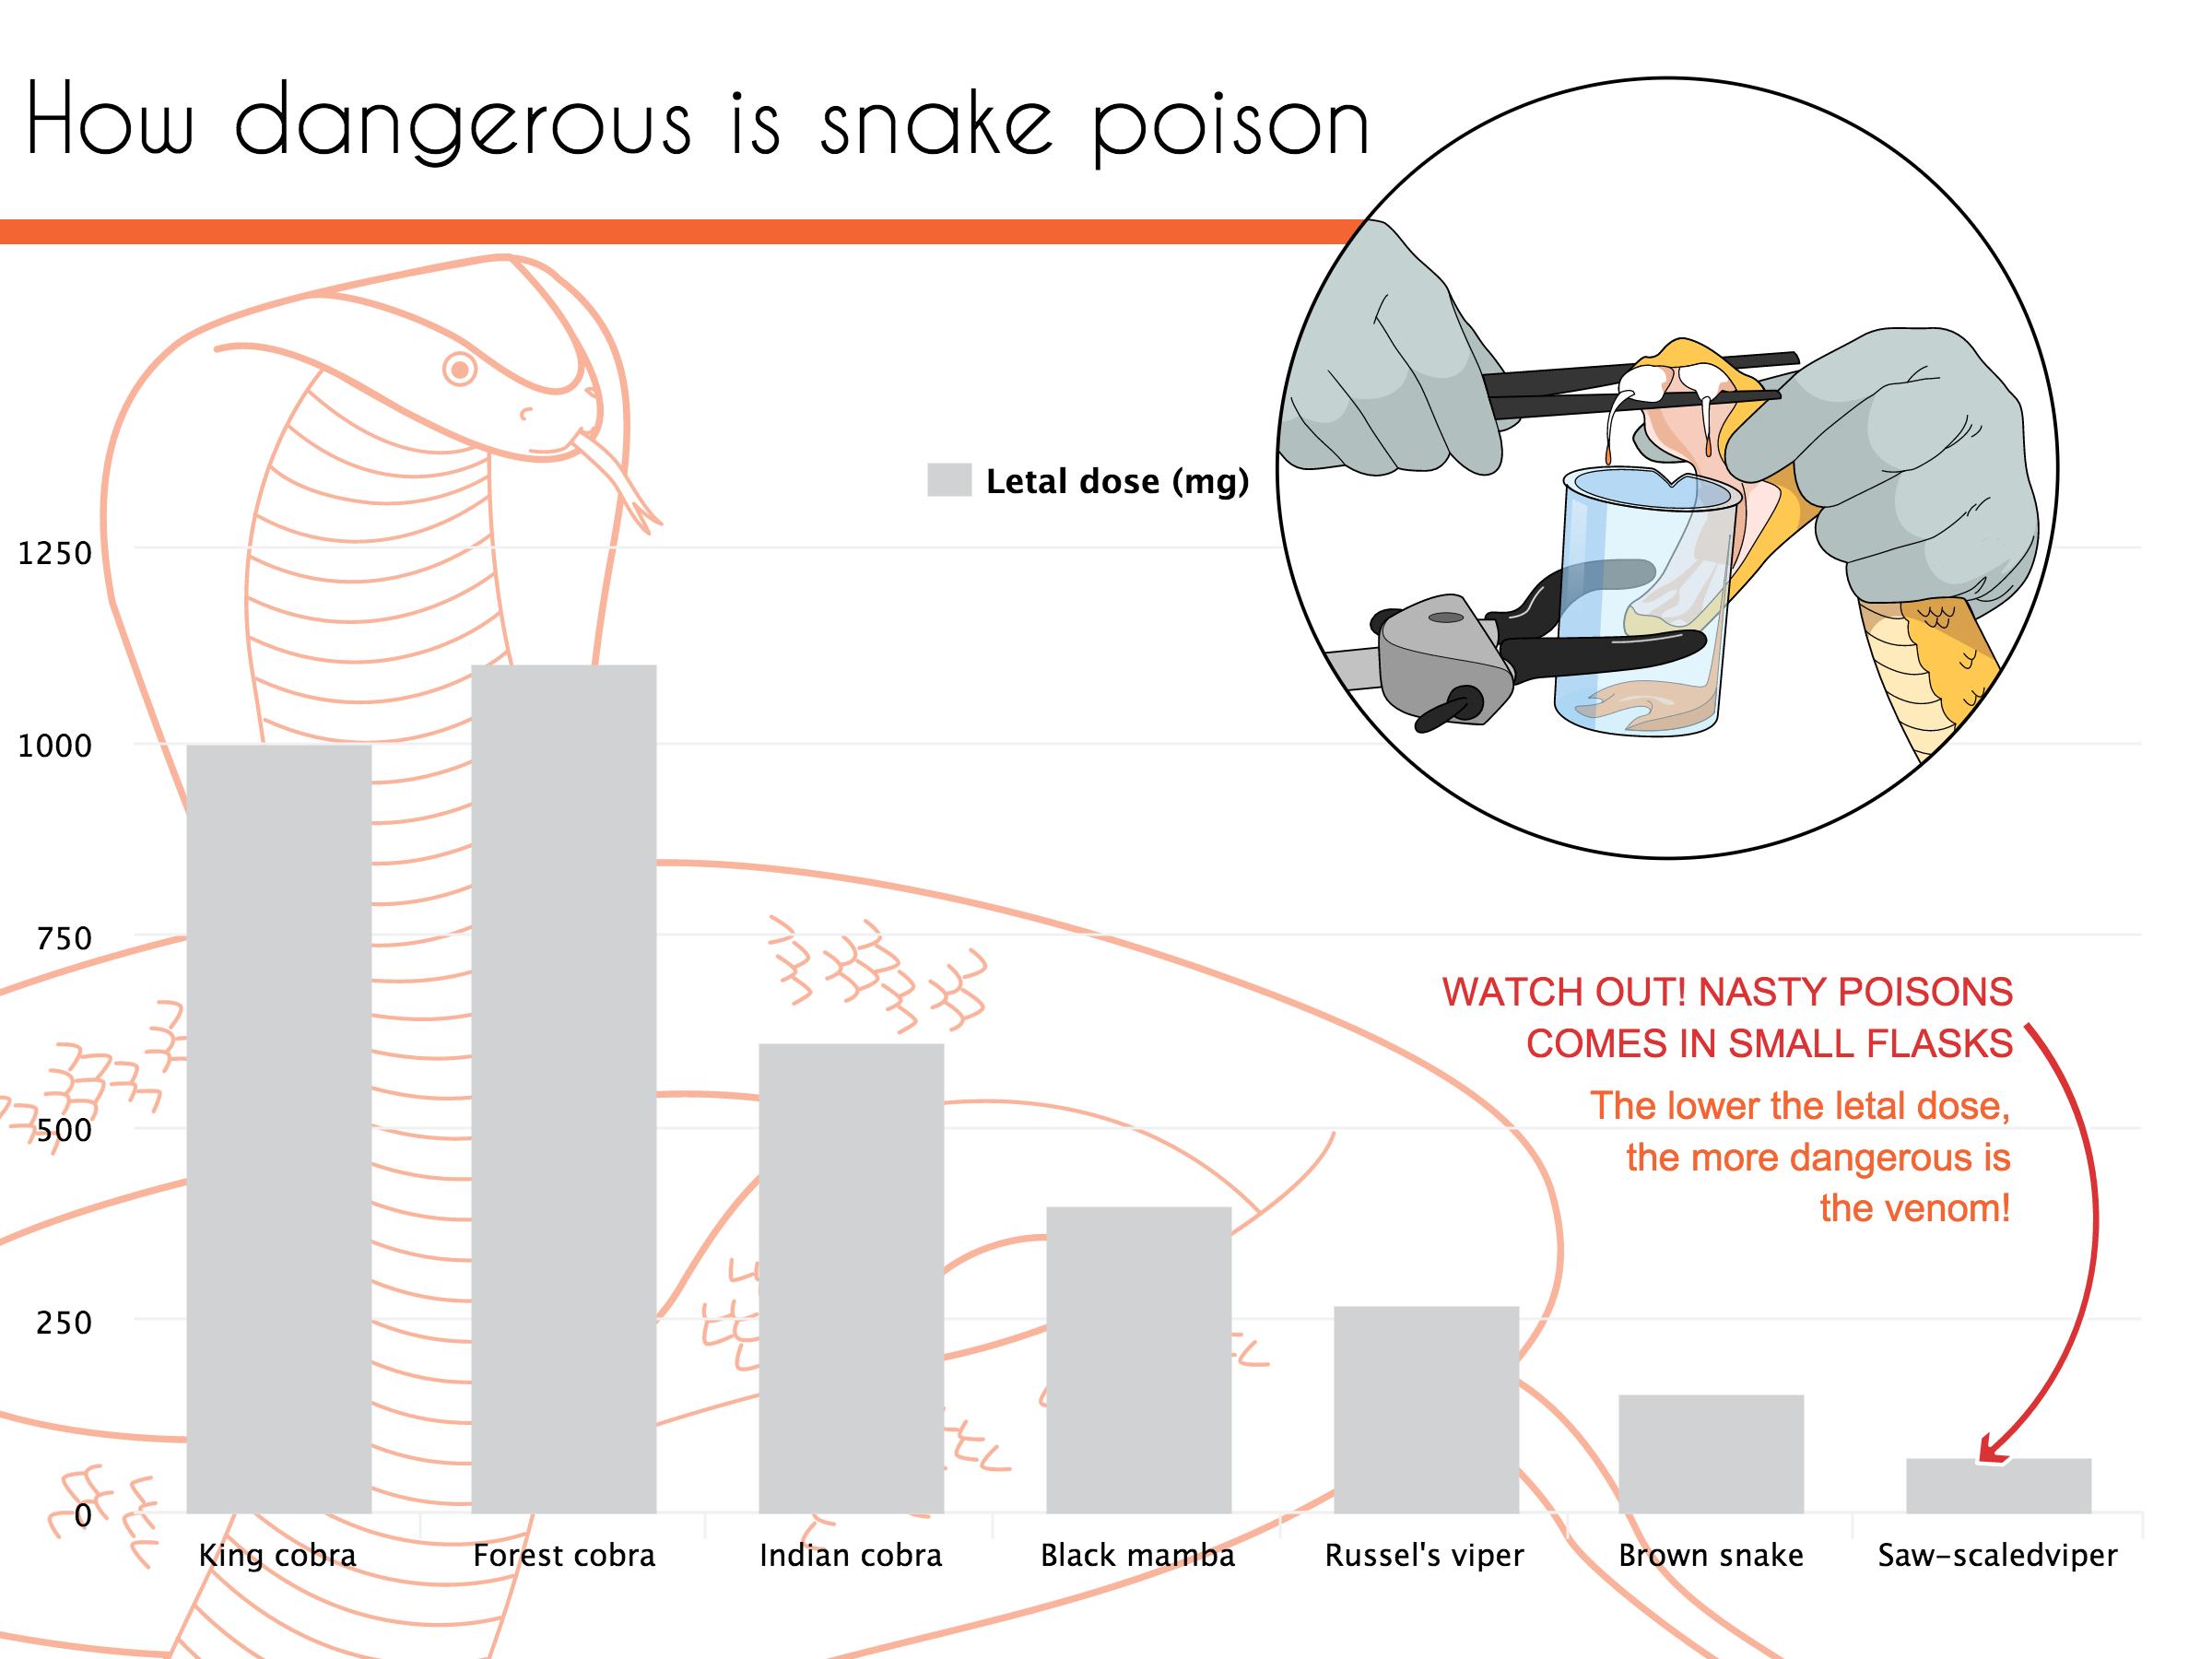 How dangerous is snake poison